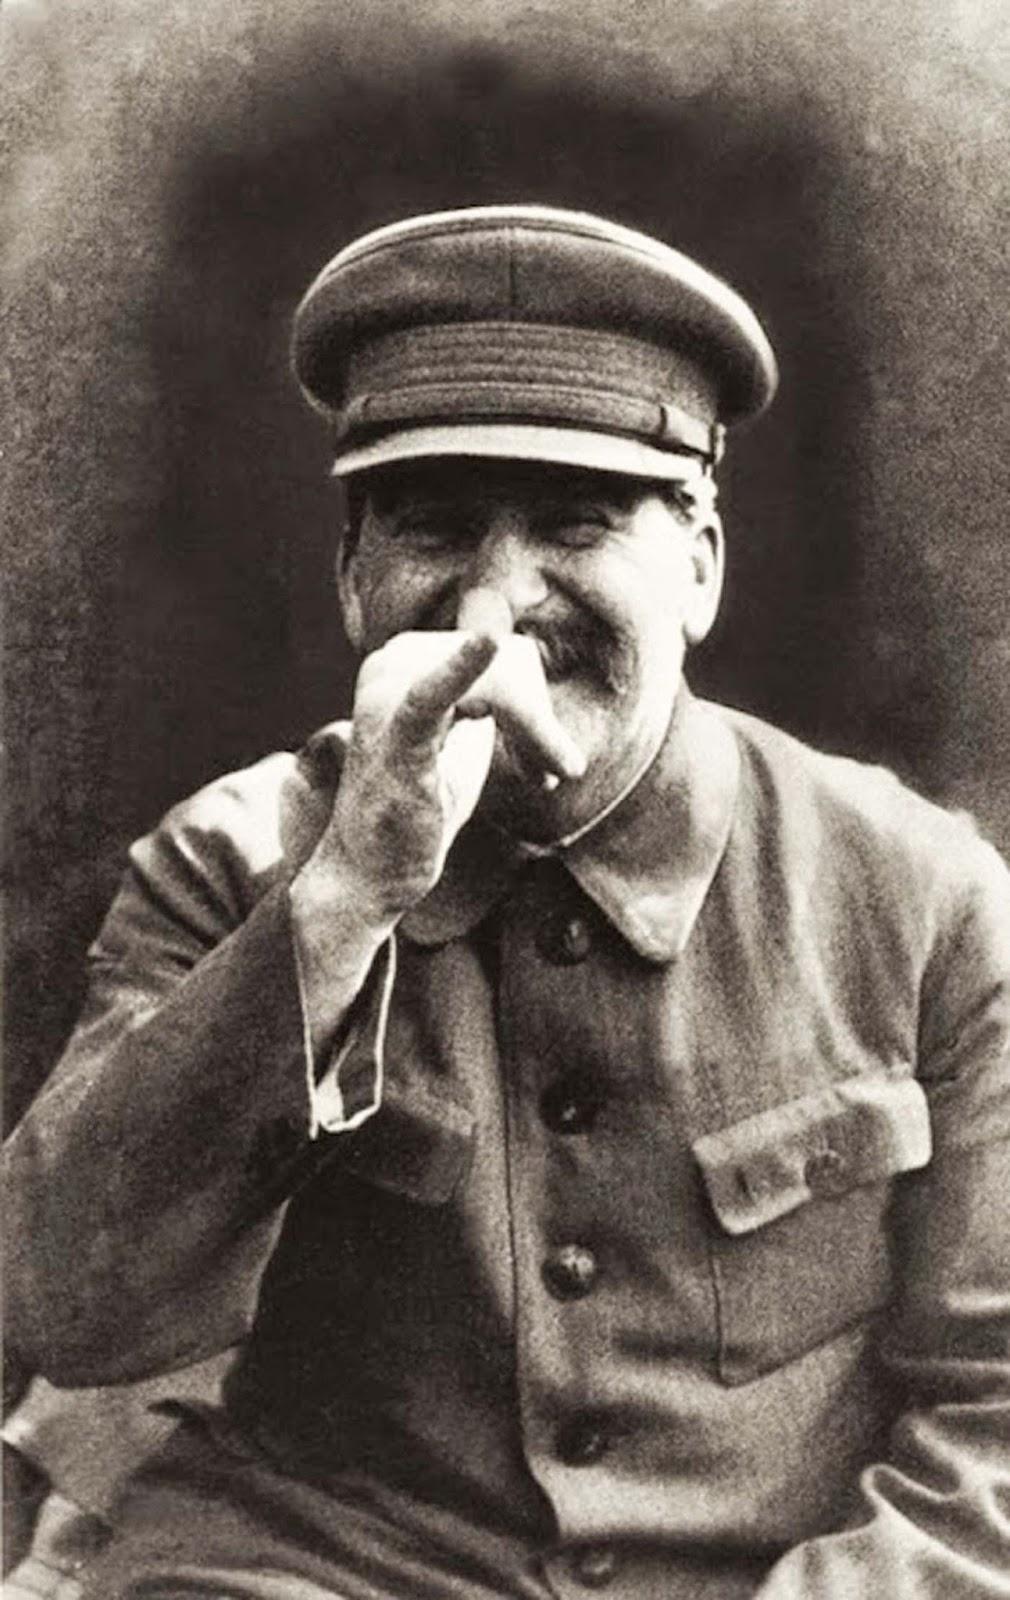 Stálin fotografado por seu chefe de segurança, Nikolái Sídorovich Vlásik, em data desconhecida